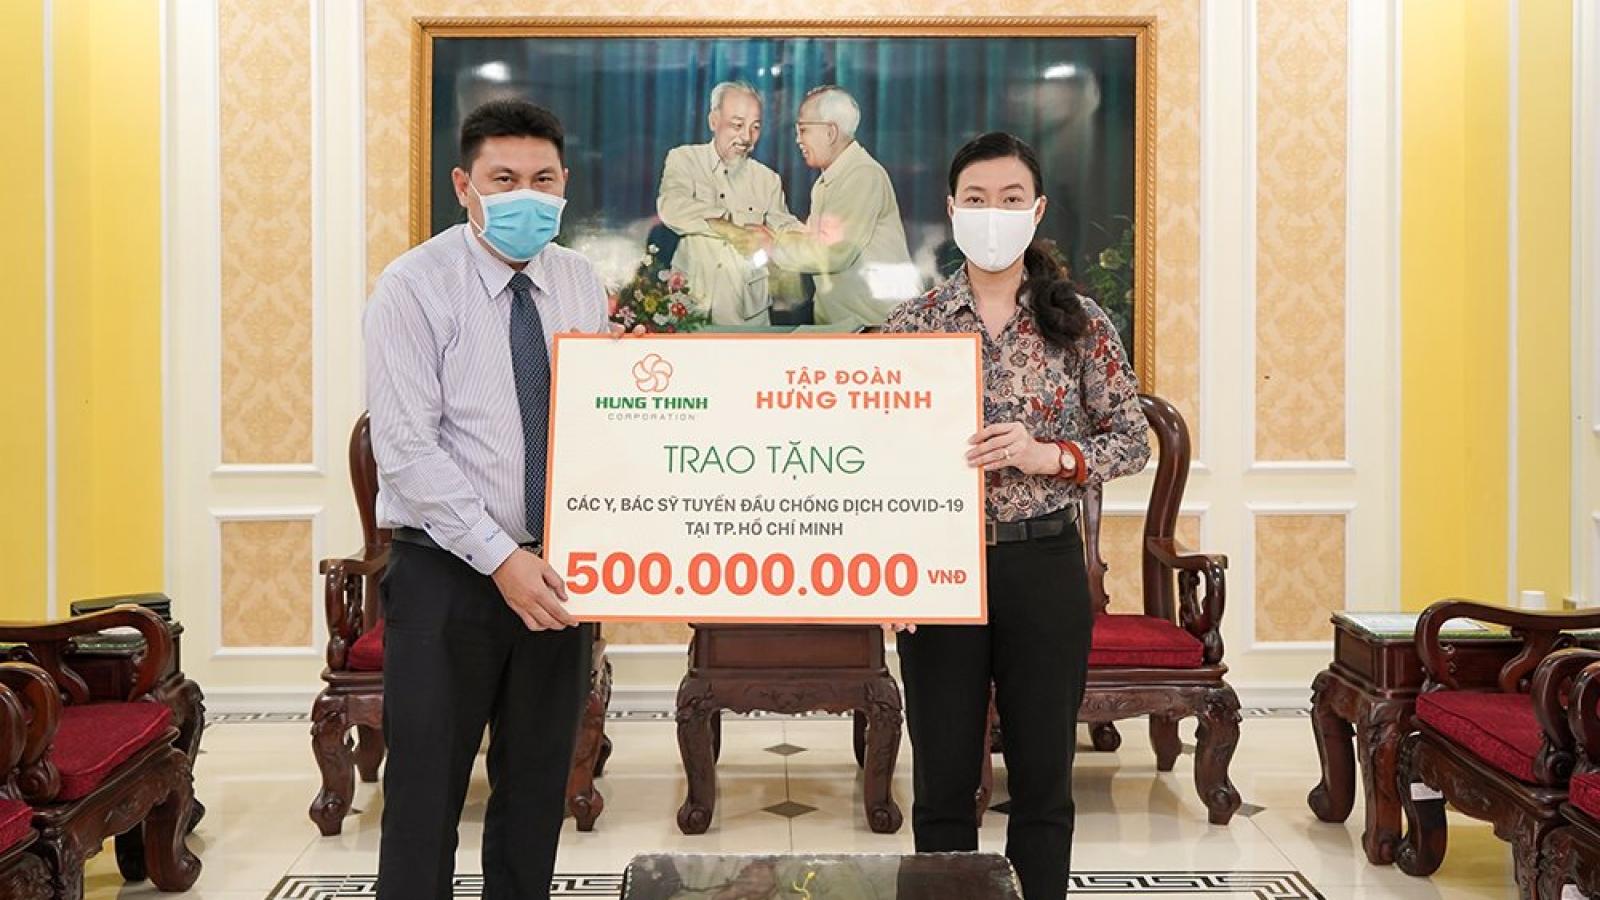 Tập đoàn Hưng Thịnh tiếp tục trích 20 tỷ đồng ủng hộ phòng, chống Covid-19